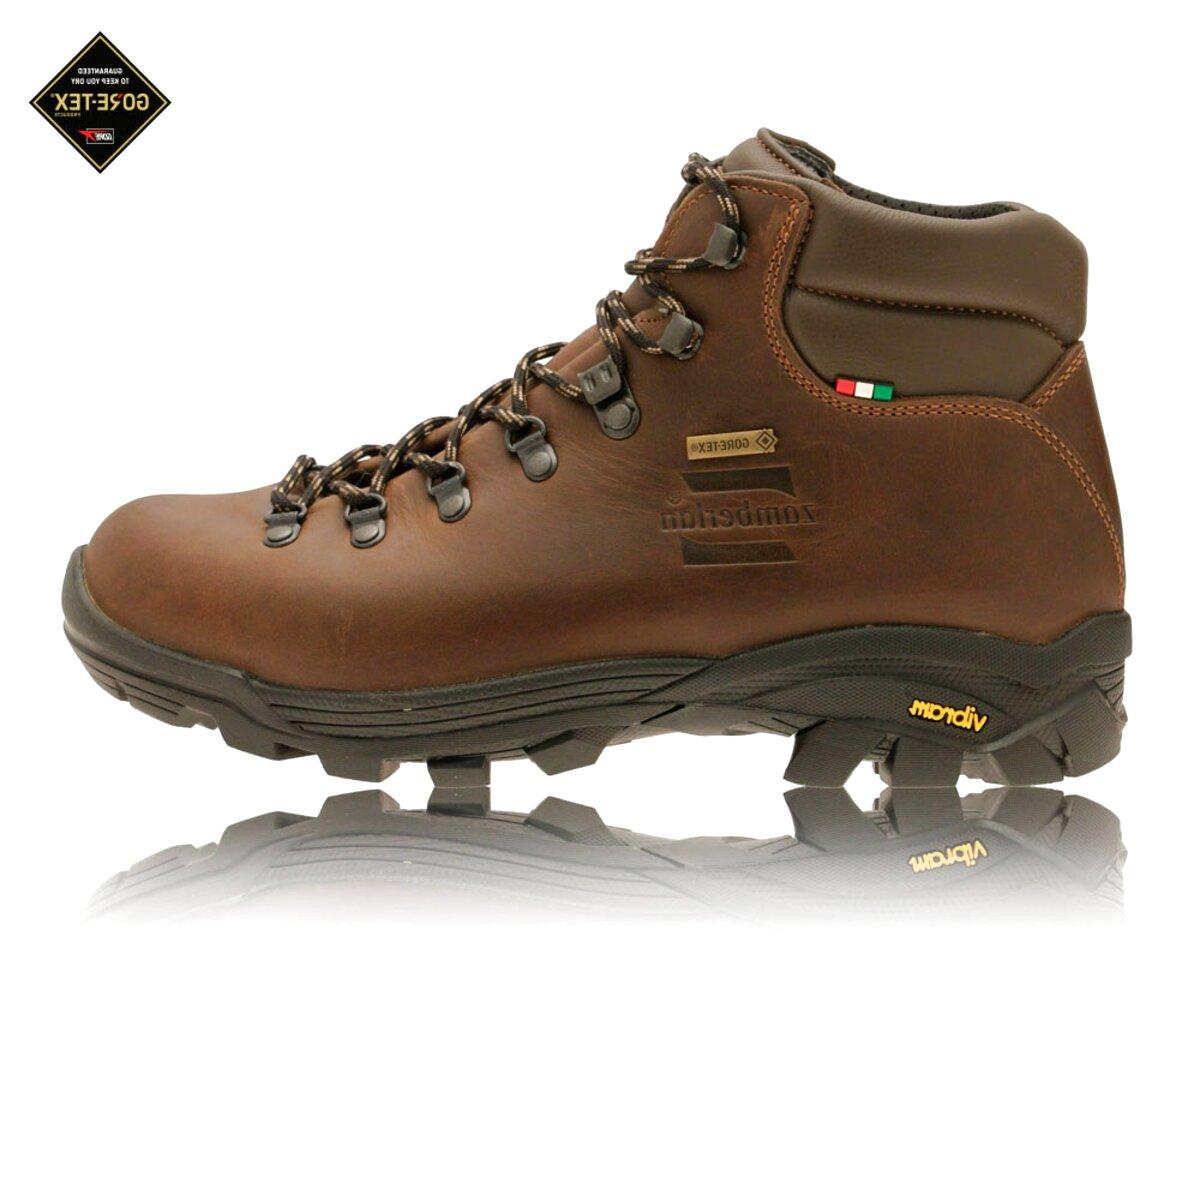 zamberlan walking boots for sale